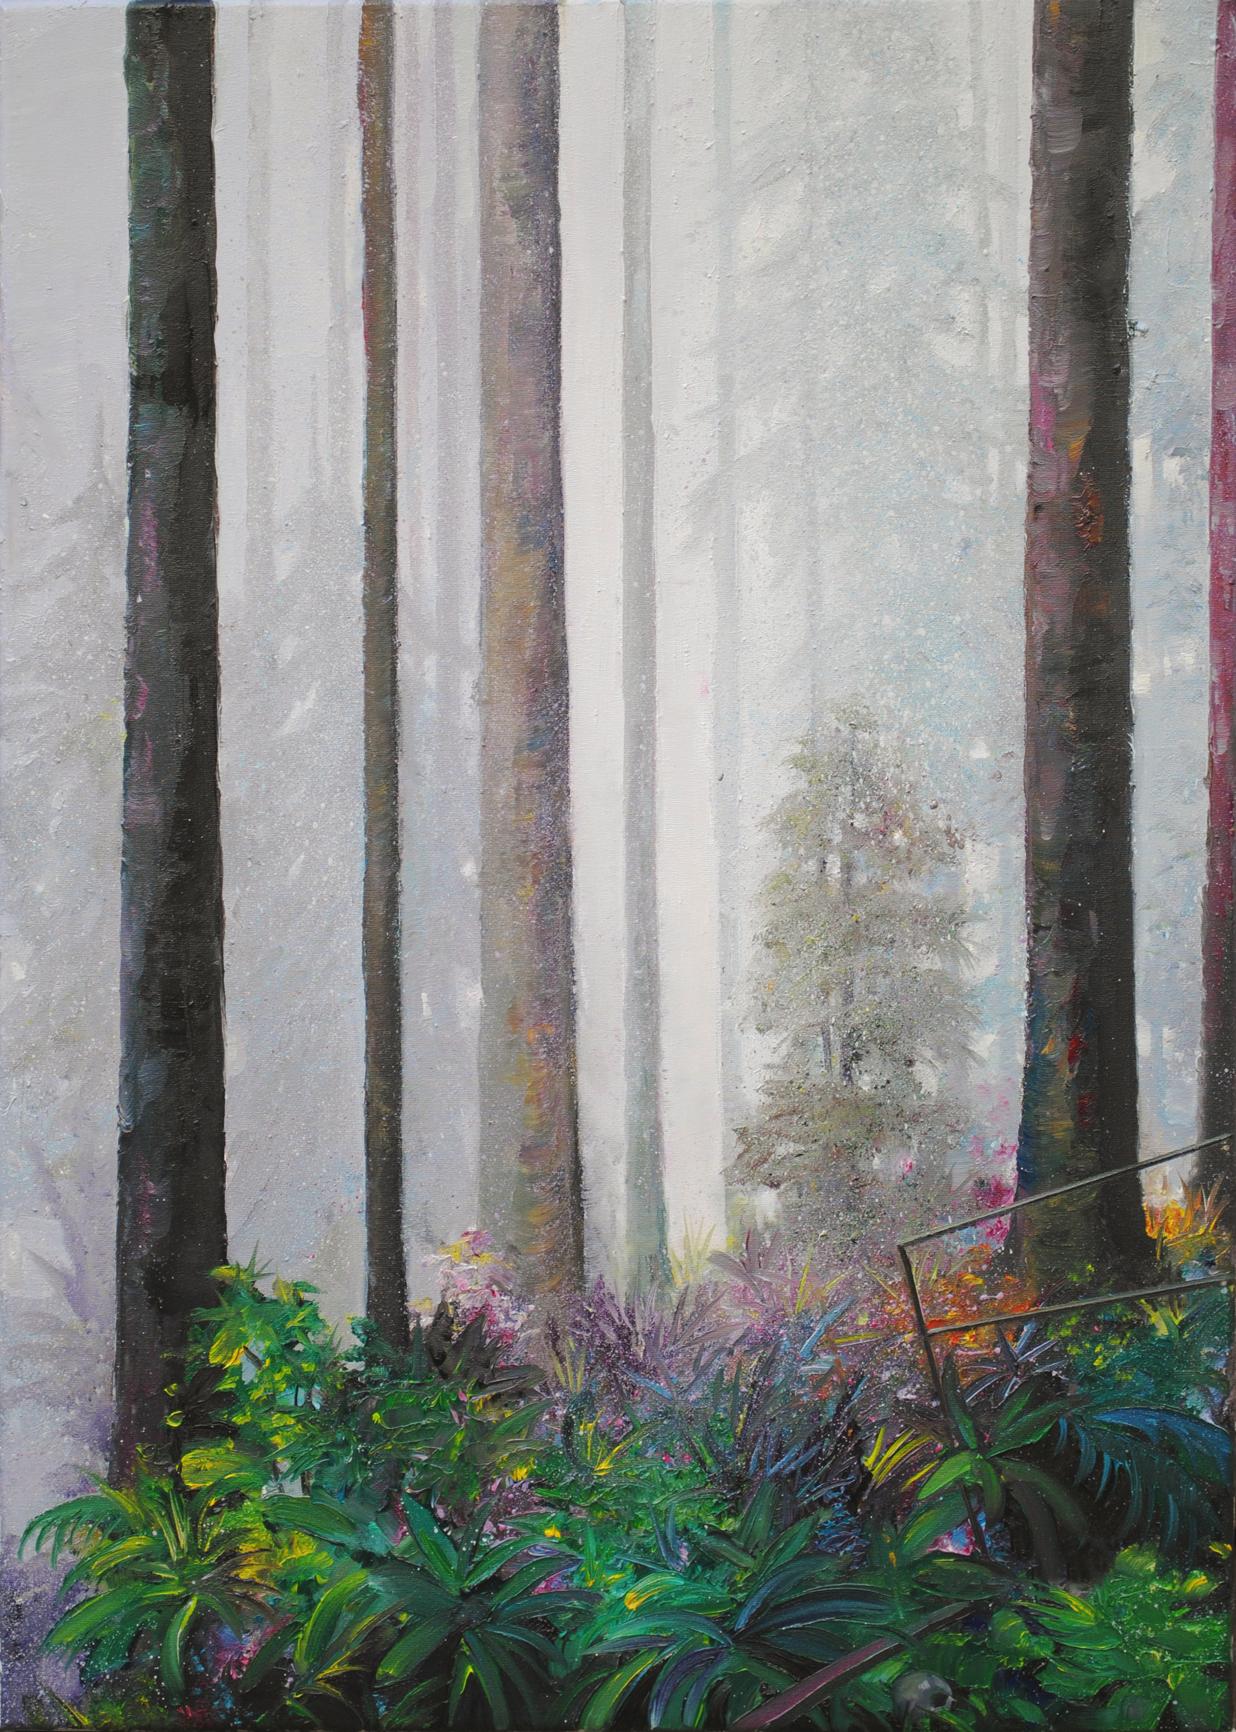 Jens Hausmann, Waldstück 3, Öl auf Leinwand, 70 x 50 cm, von 2011  Kaufinteresse